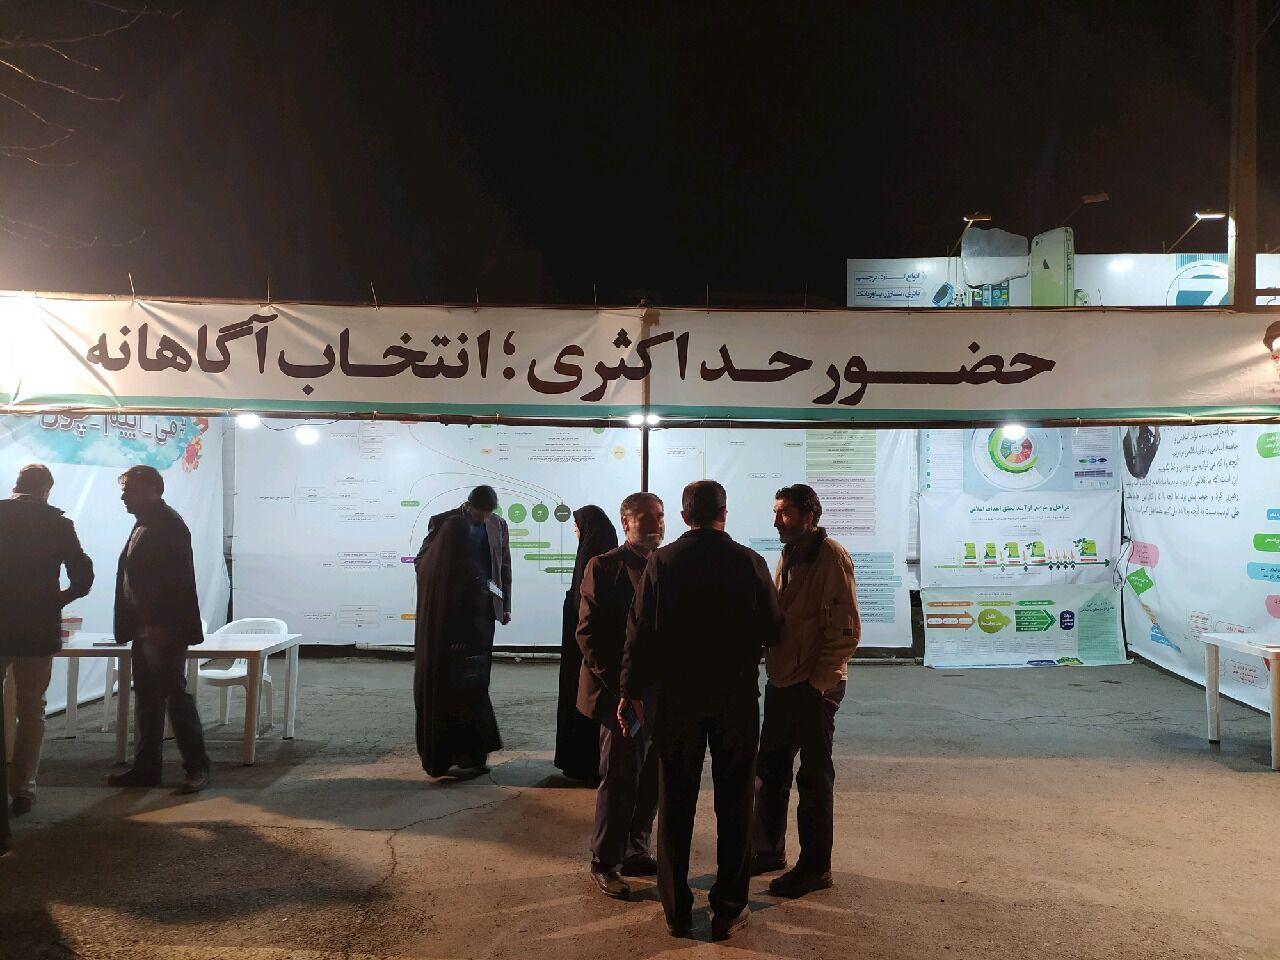 ستاد تبلیغات انتخاباتی انقلاب اسلامی در بیرجند آغاز به کار کرد